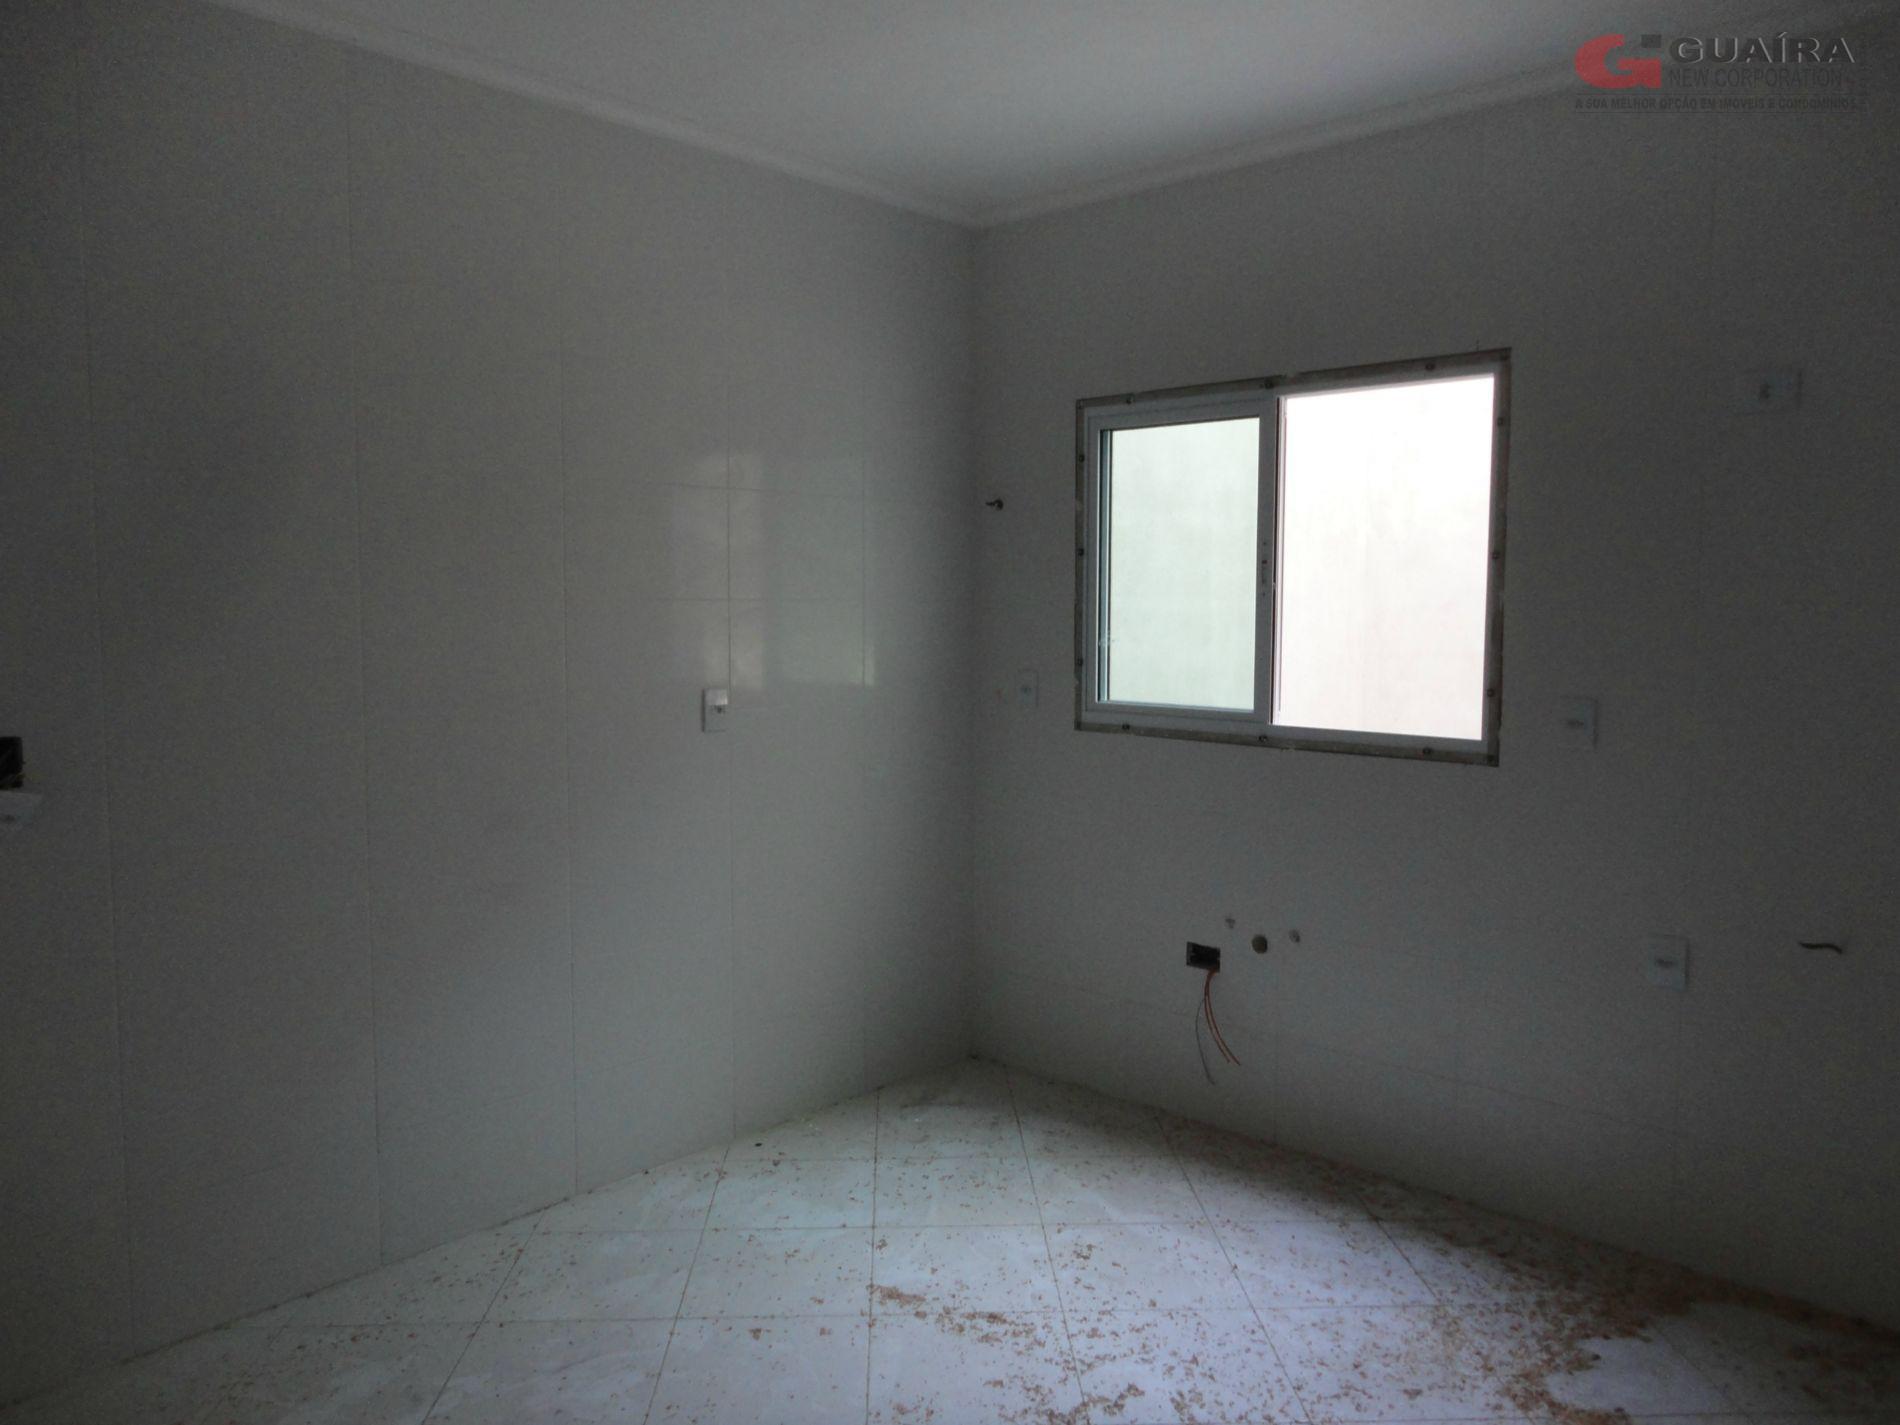 Sobrado de 2 dormitórios à venda em Jardim Do Estádio, Santo André - SP